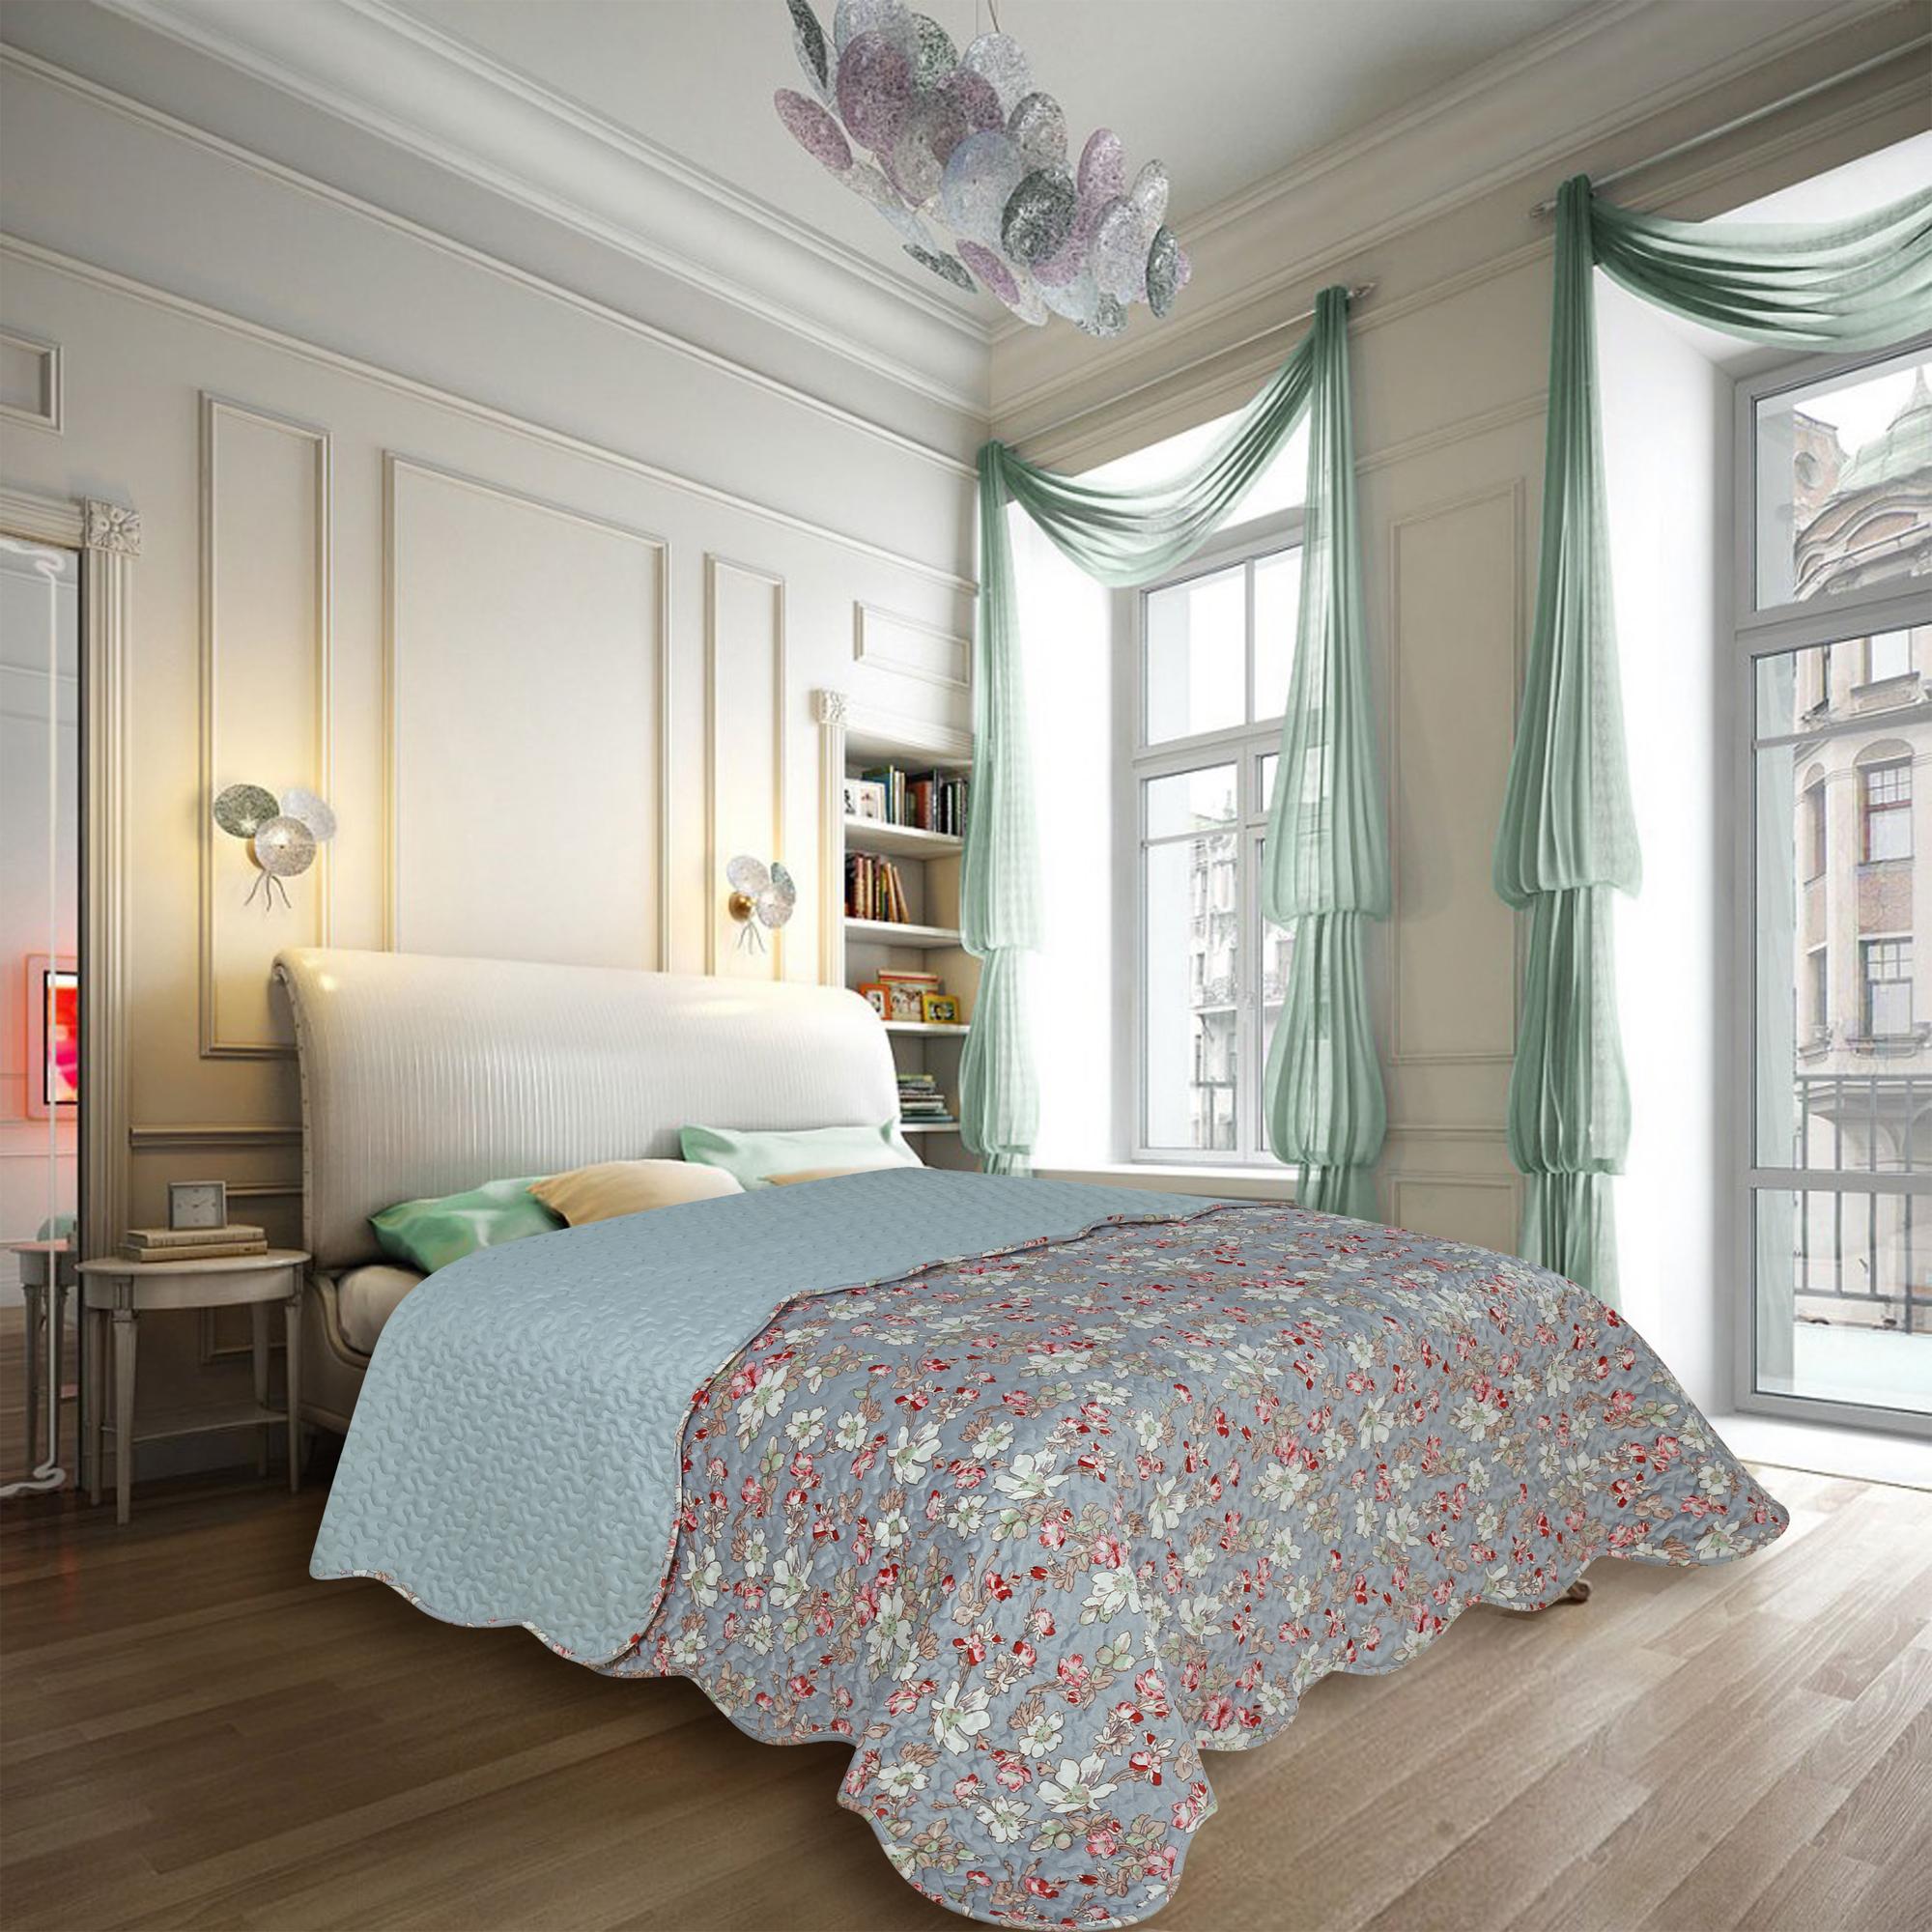 Купить Пледы и покрывала Amore Mio, Покрывало Louisa (220х240 см), Китай, Синтетический сатин